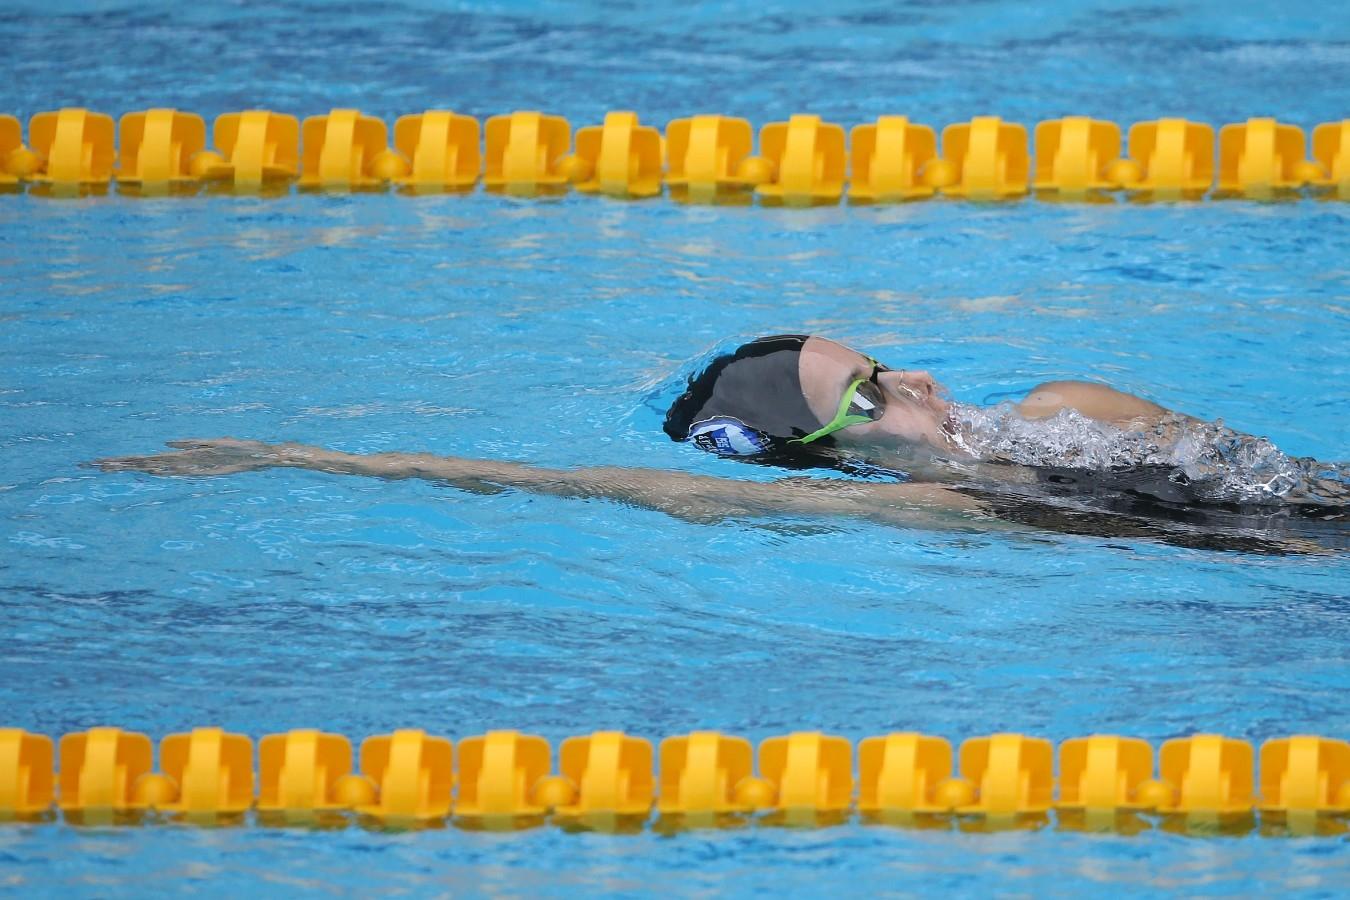 Natalia de Luccas. Trofeu Maria Lenk. Parque Aquatico Maria Lenk. 04 de Maio de 2017, Rio de Janeiro, RJ, Brasil. Foto: Satiro Sodré/SSPress/CBDA